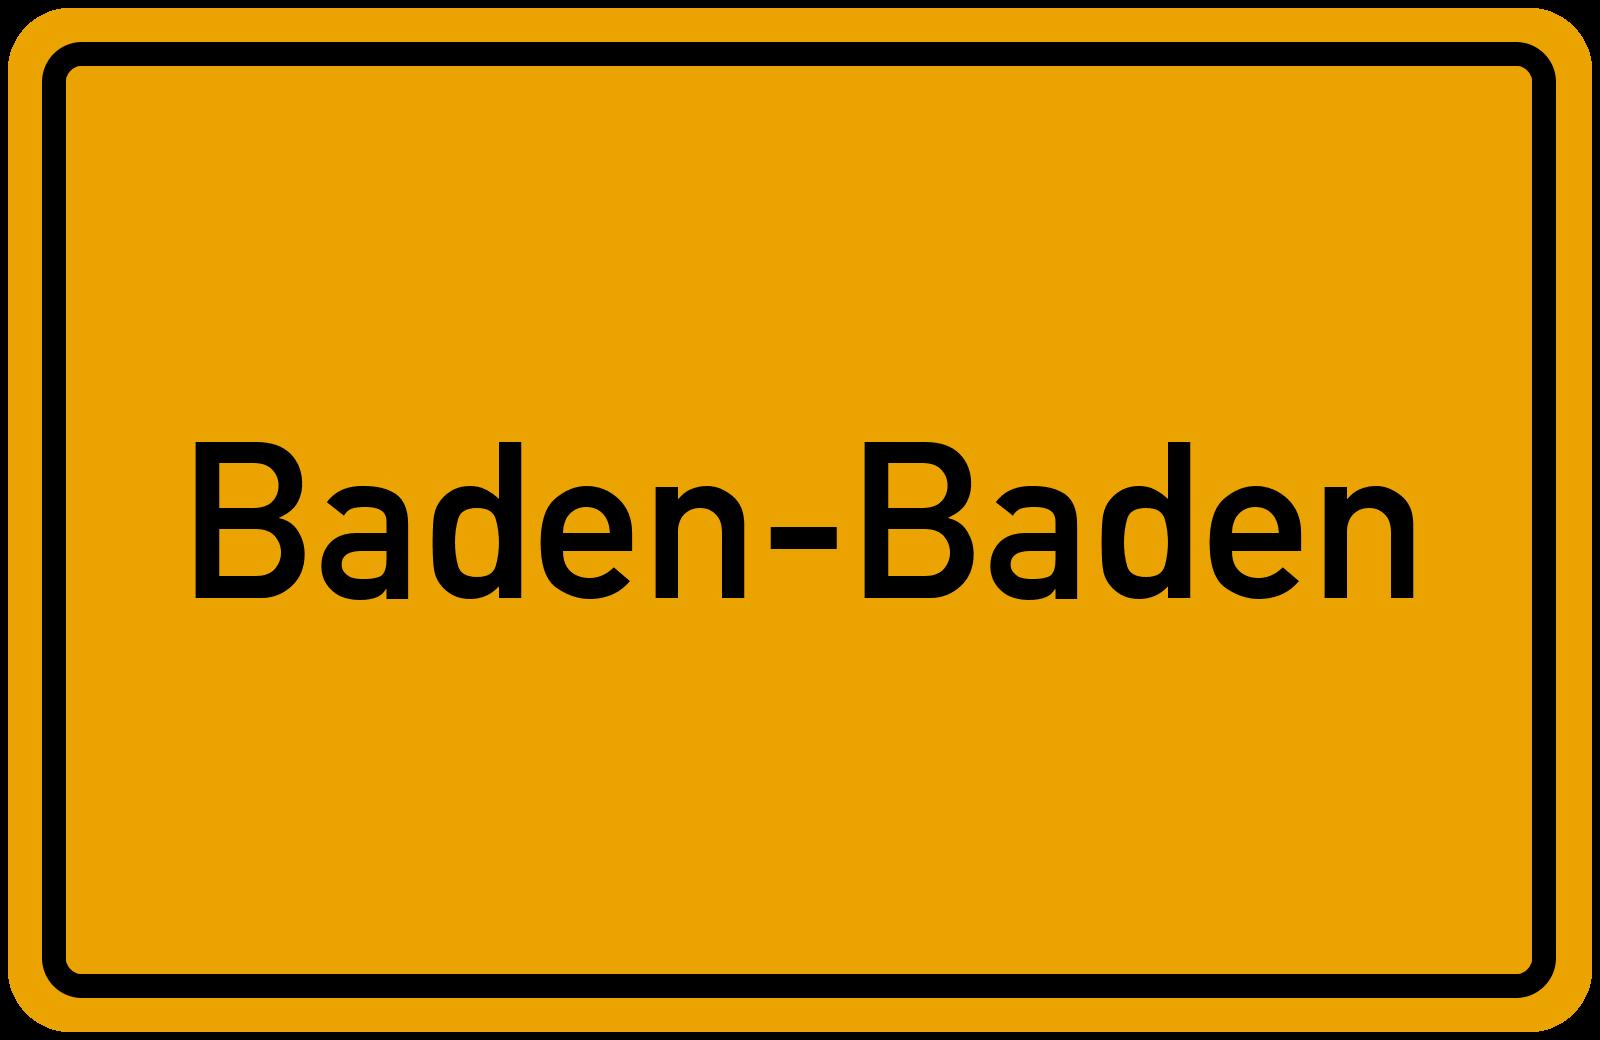 www baden online de